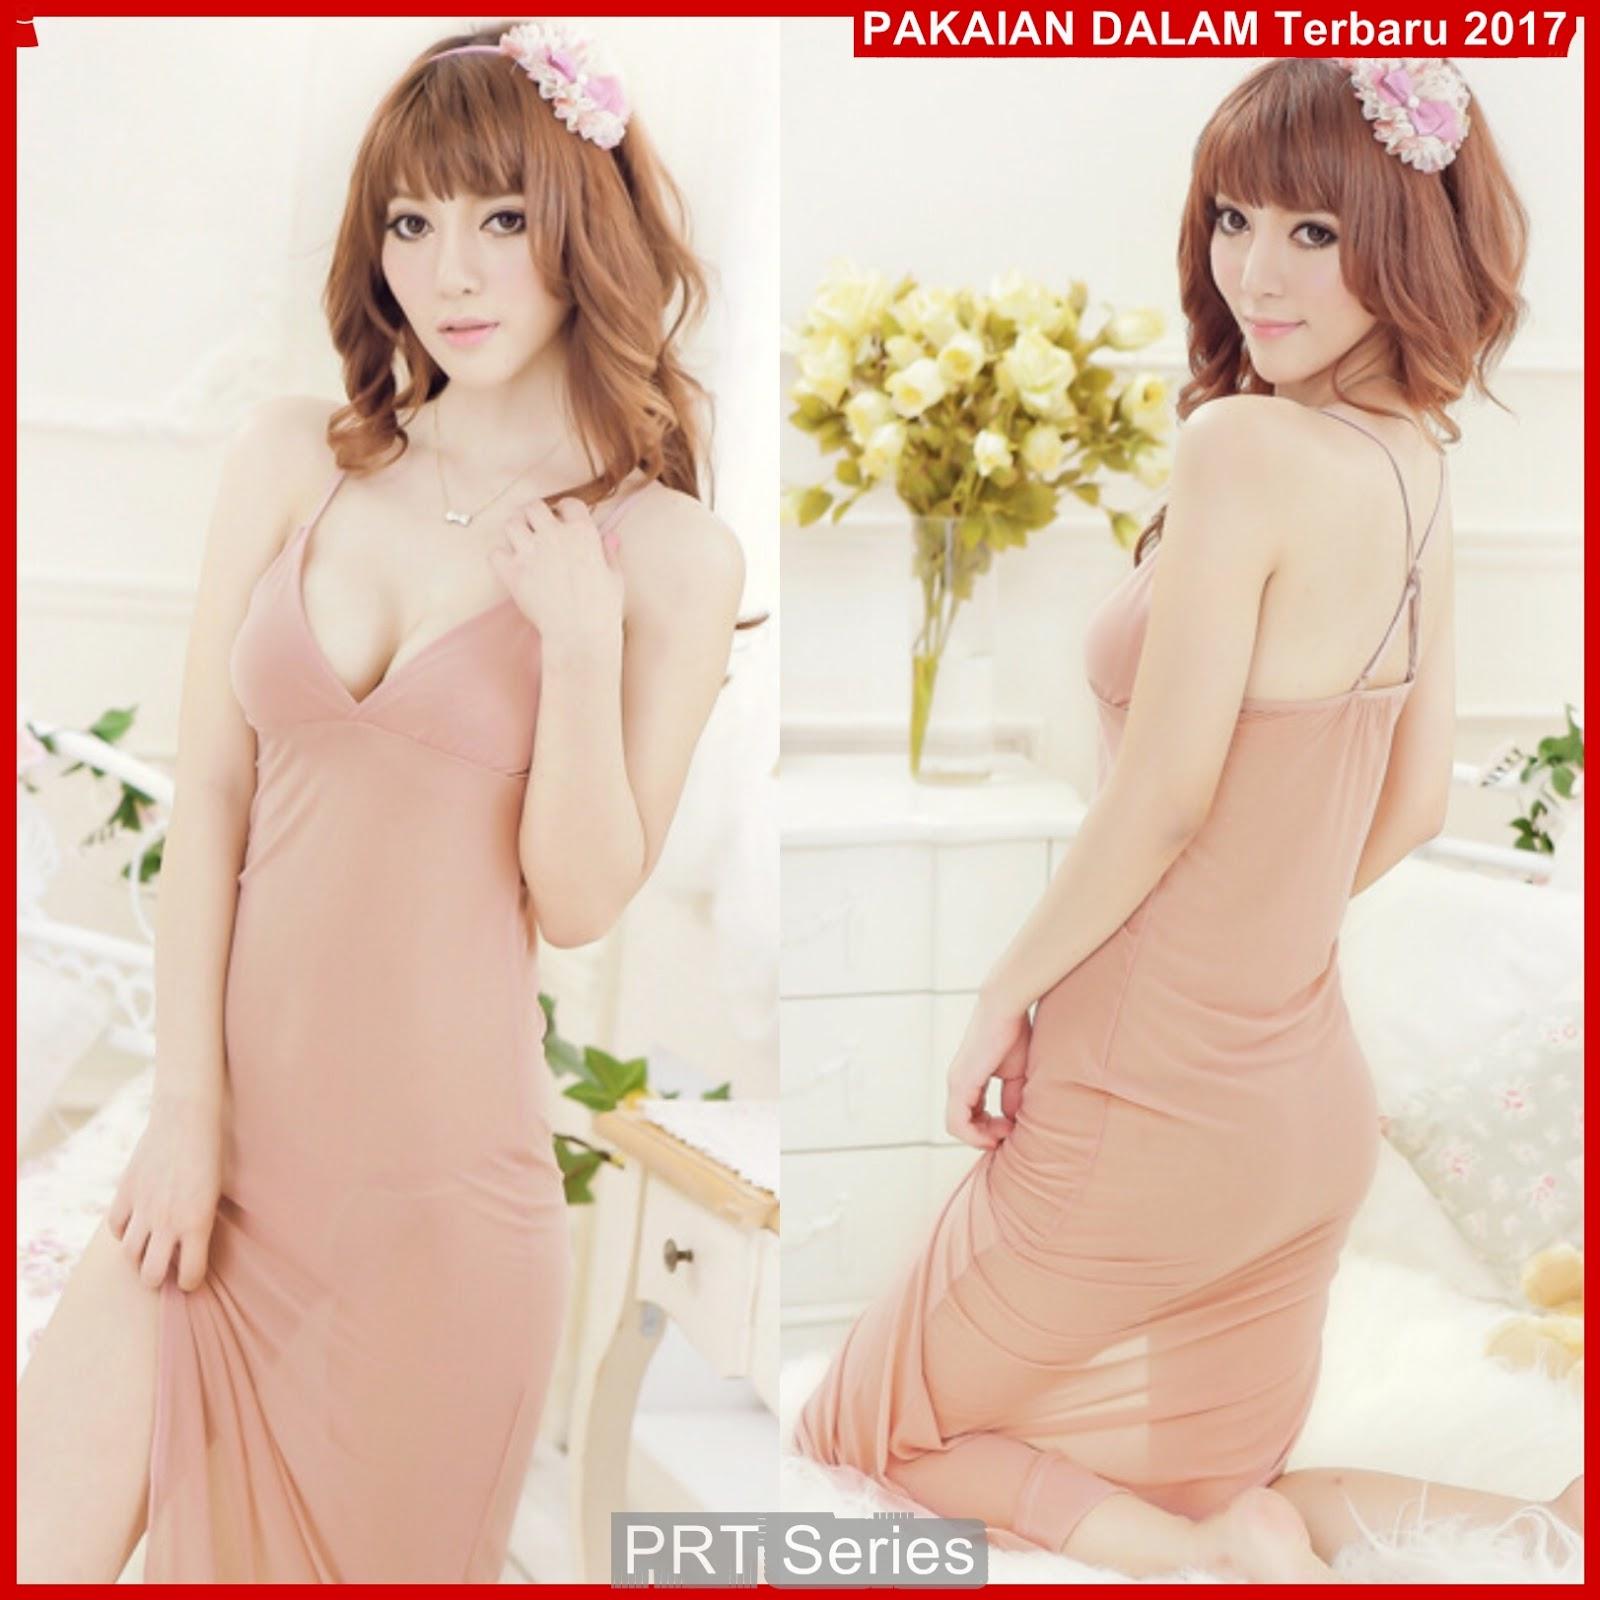 PRT79 Distributor Pakaian Dalam Lingerie,!! Seksi Sexy